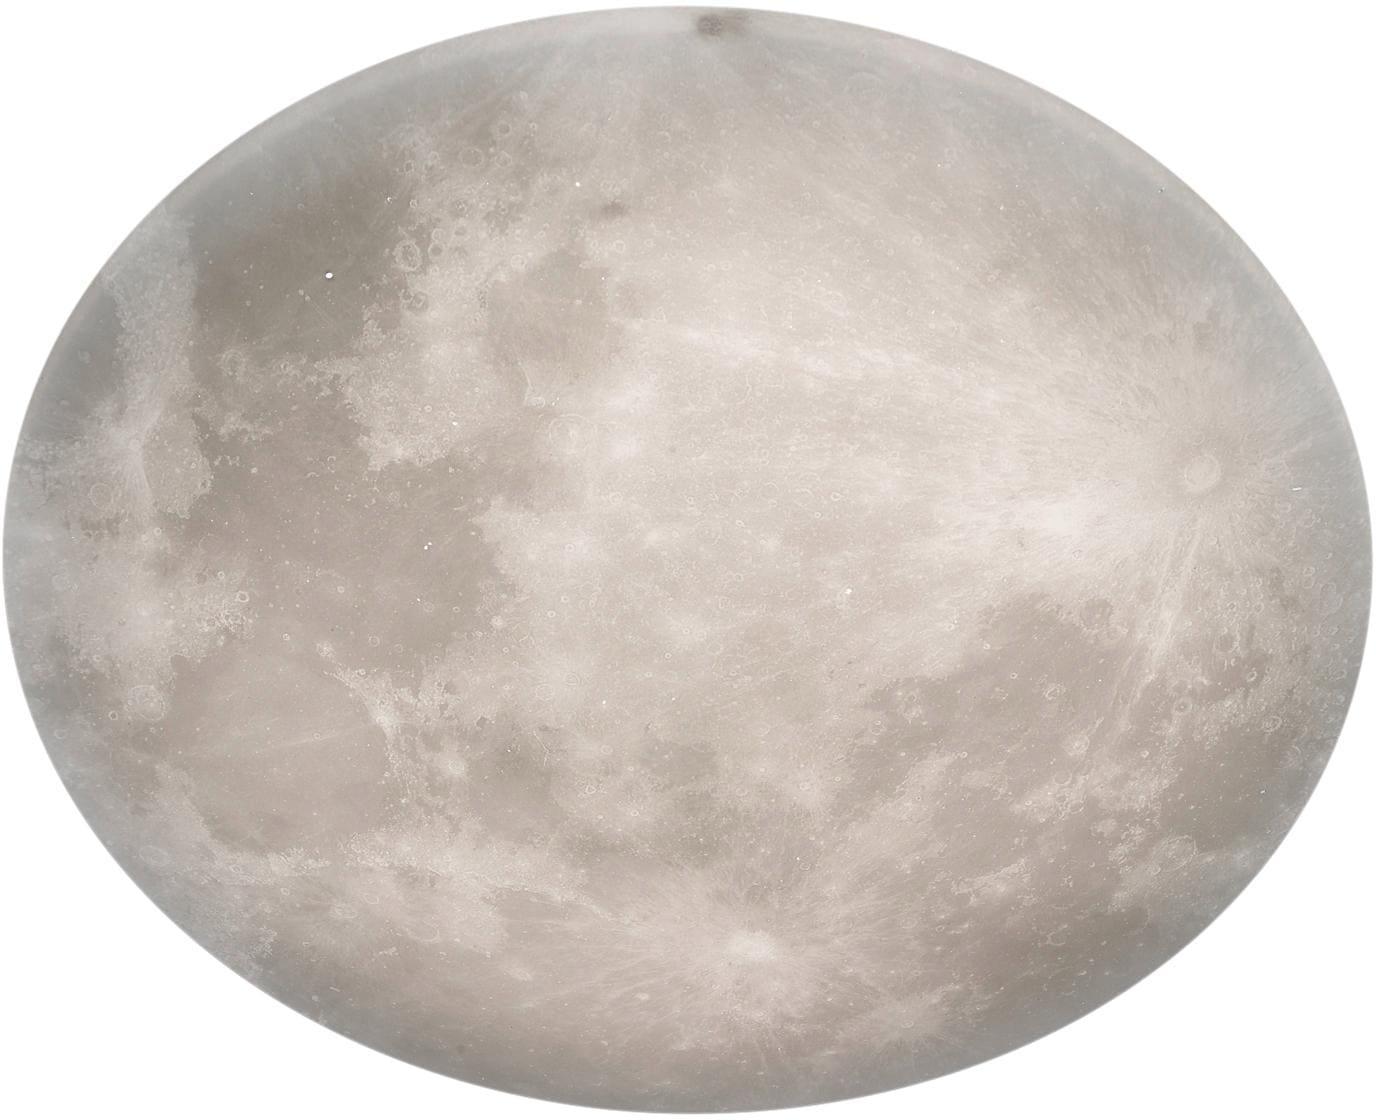 TRIO Leuchten LED Deckenleuchte LUNAR, LED-Board, Warmweiß, Nachtlicht, Deckenlampe Mond, Mondlampe